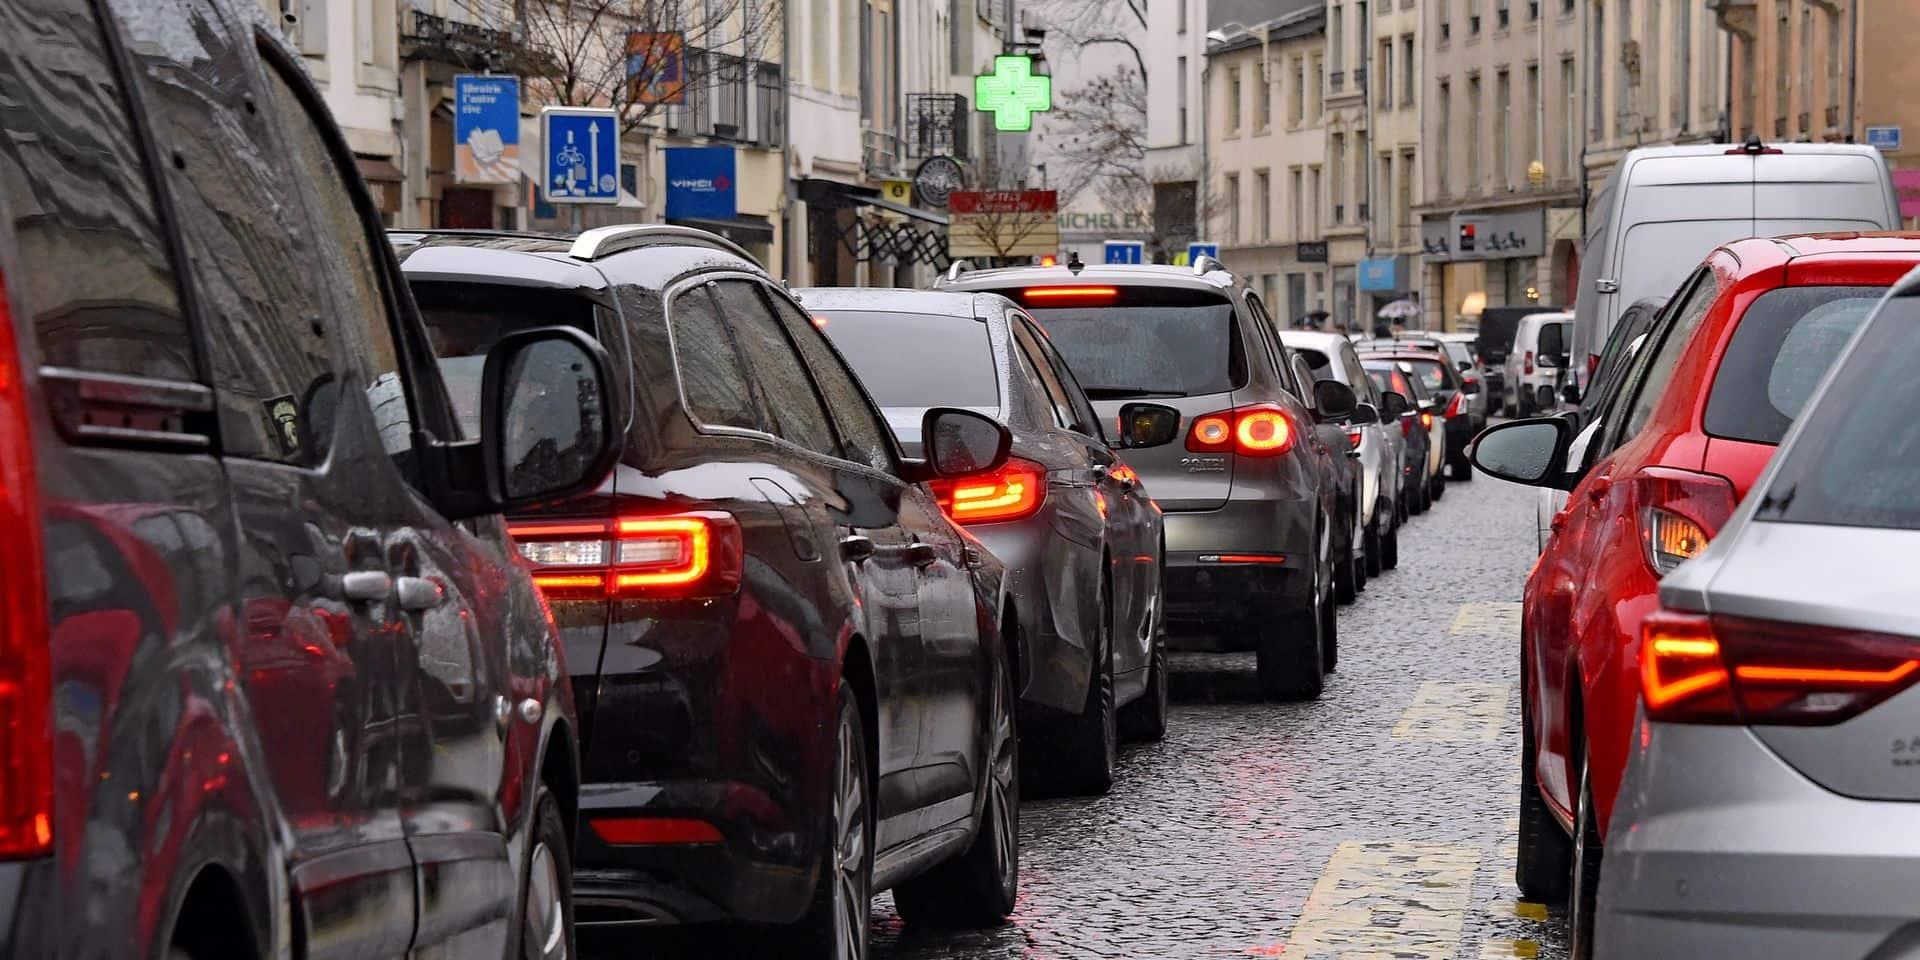 Les Belges consacrent moins d'argent au transport que les autres Européens